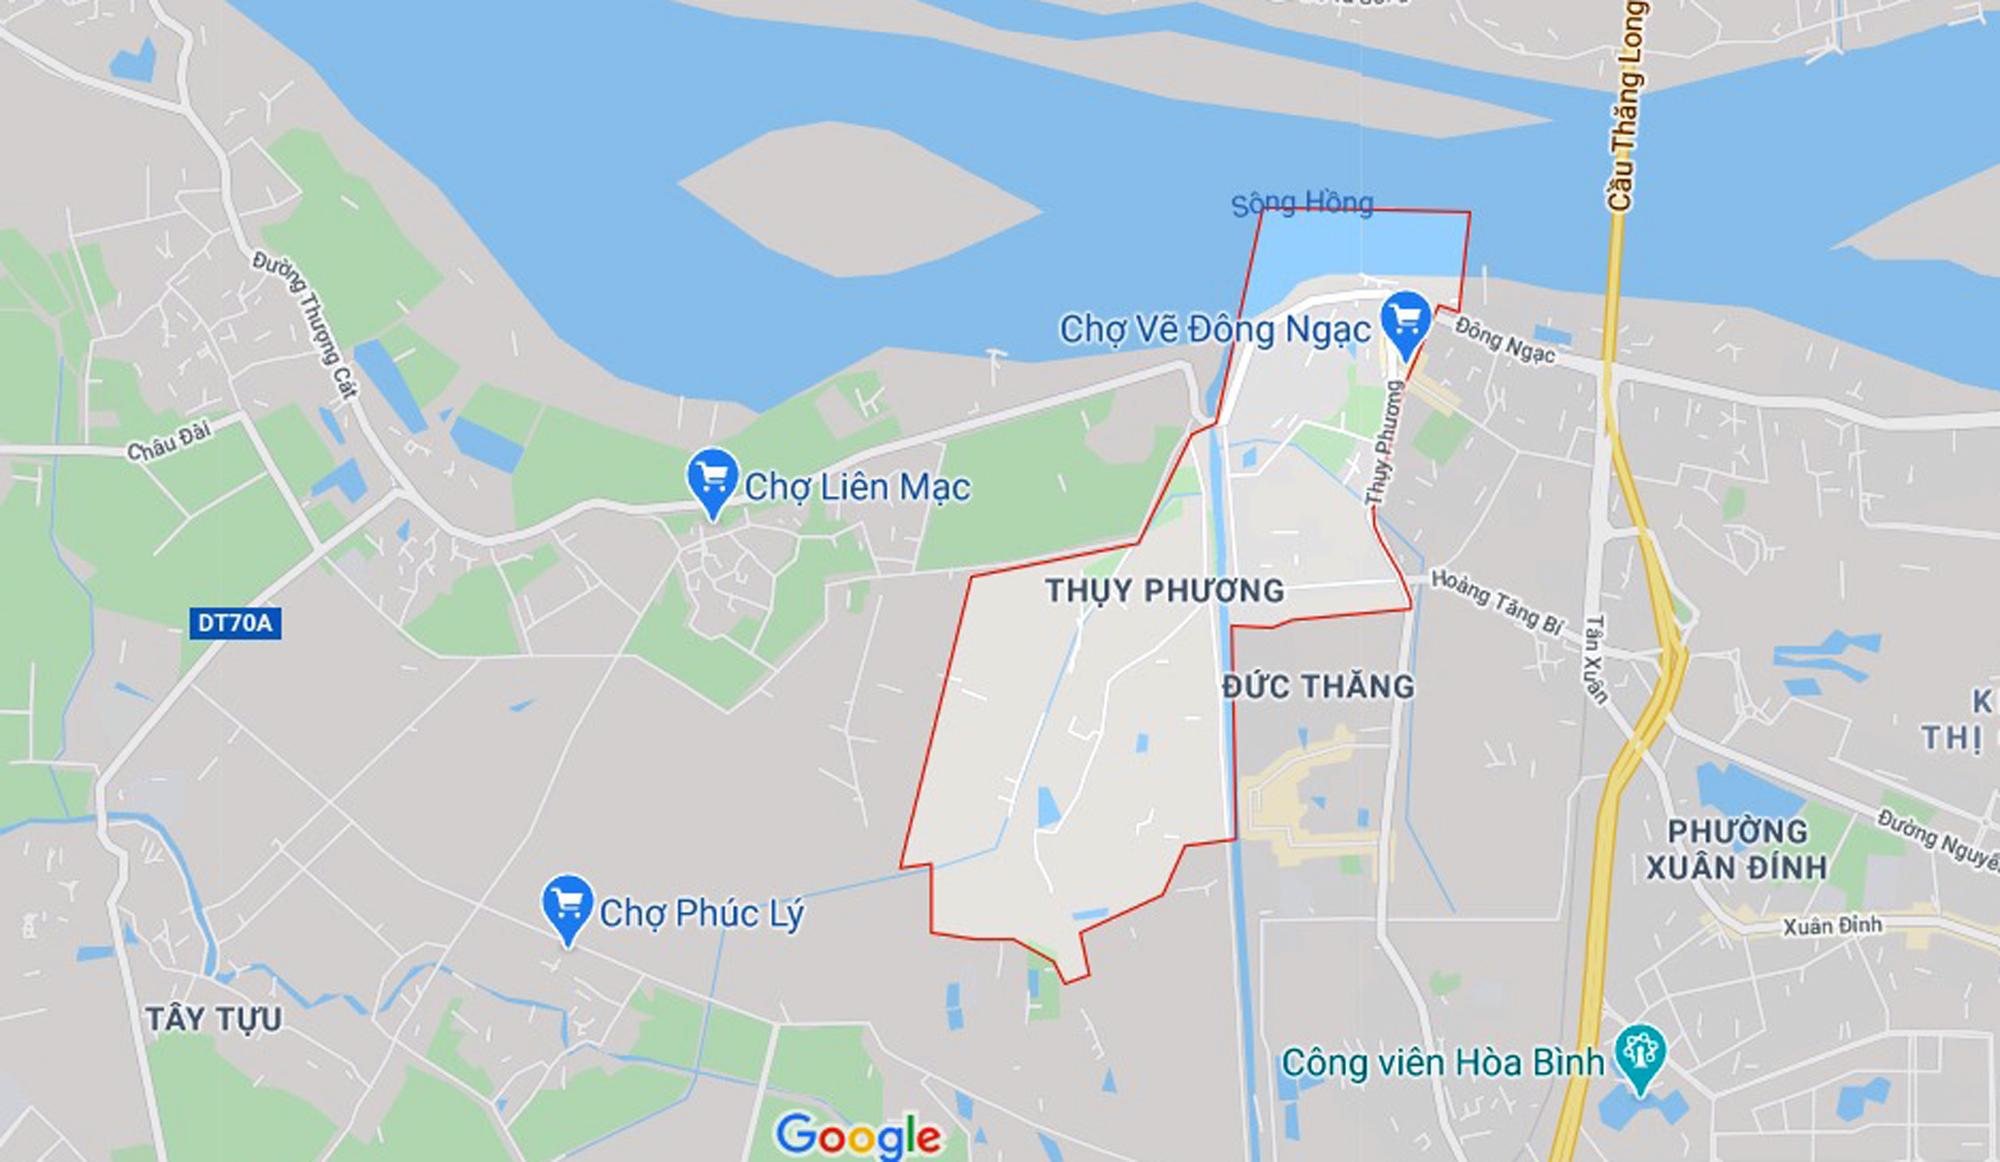 đường sẽ mở theo qui hoạch ở phường Thụy Phương, Bắc Từ Liêm - Ảnh 1.